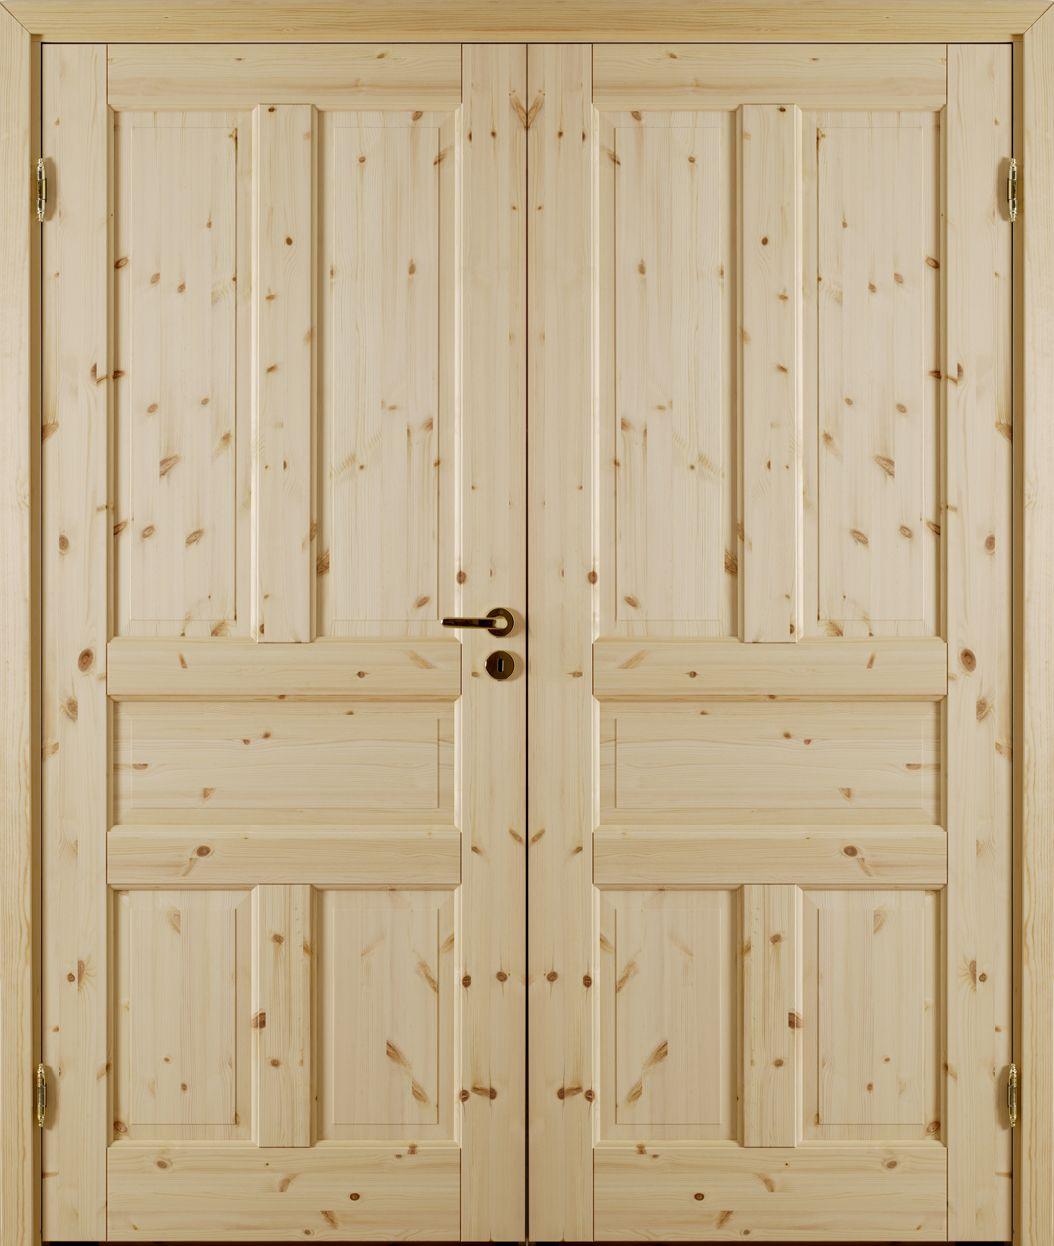 Atle 5 Double Door Interior Door Made By Gk Door Glommerstrask Sweden Doors Interior Double Doors Interior Door Design